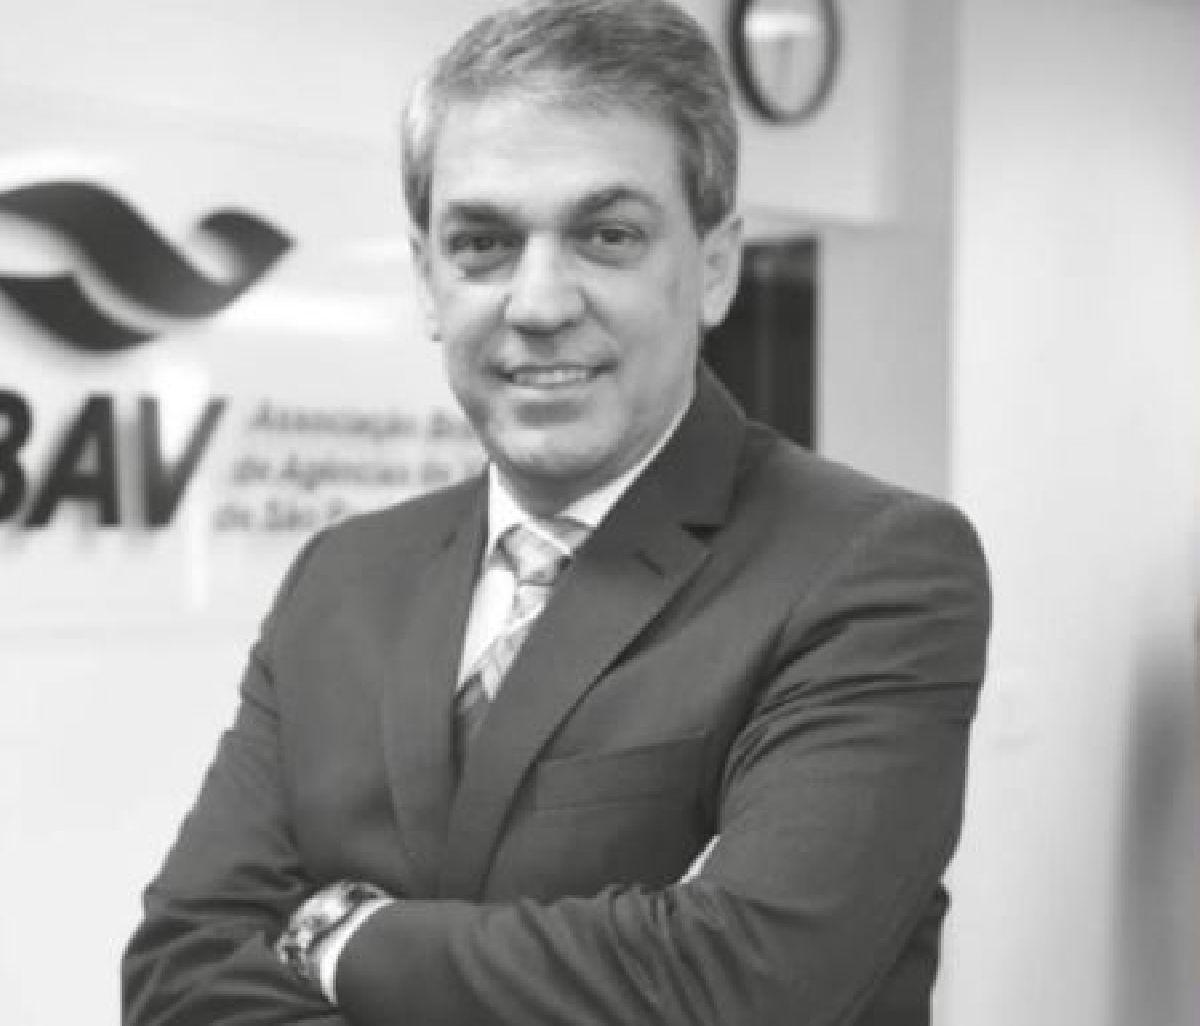 CHAPA UNICA DA ABAV - SP SERA ELEITA NA ASSEMBLEIA GERAL ORDINÁRIA ELEITORAL NA PRÓXIMA TERÇA FEIRA(26)